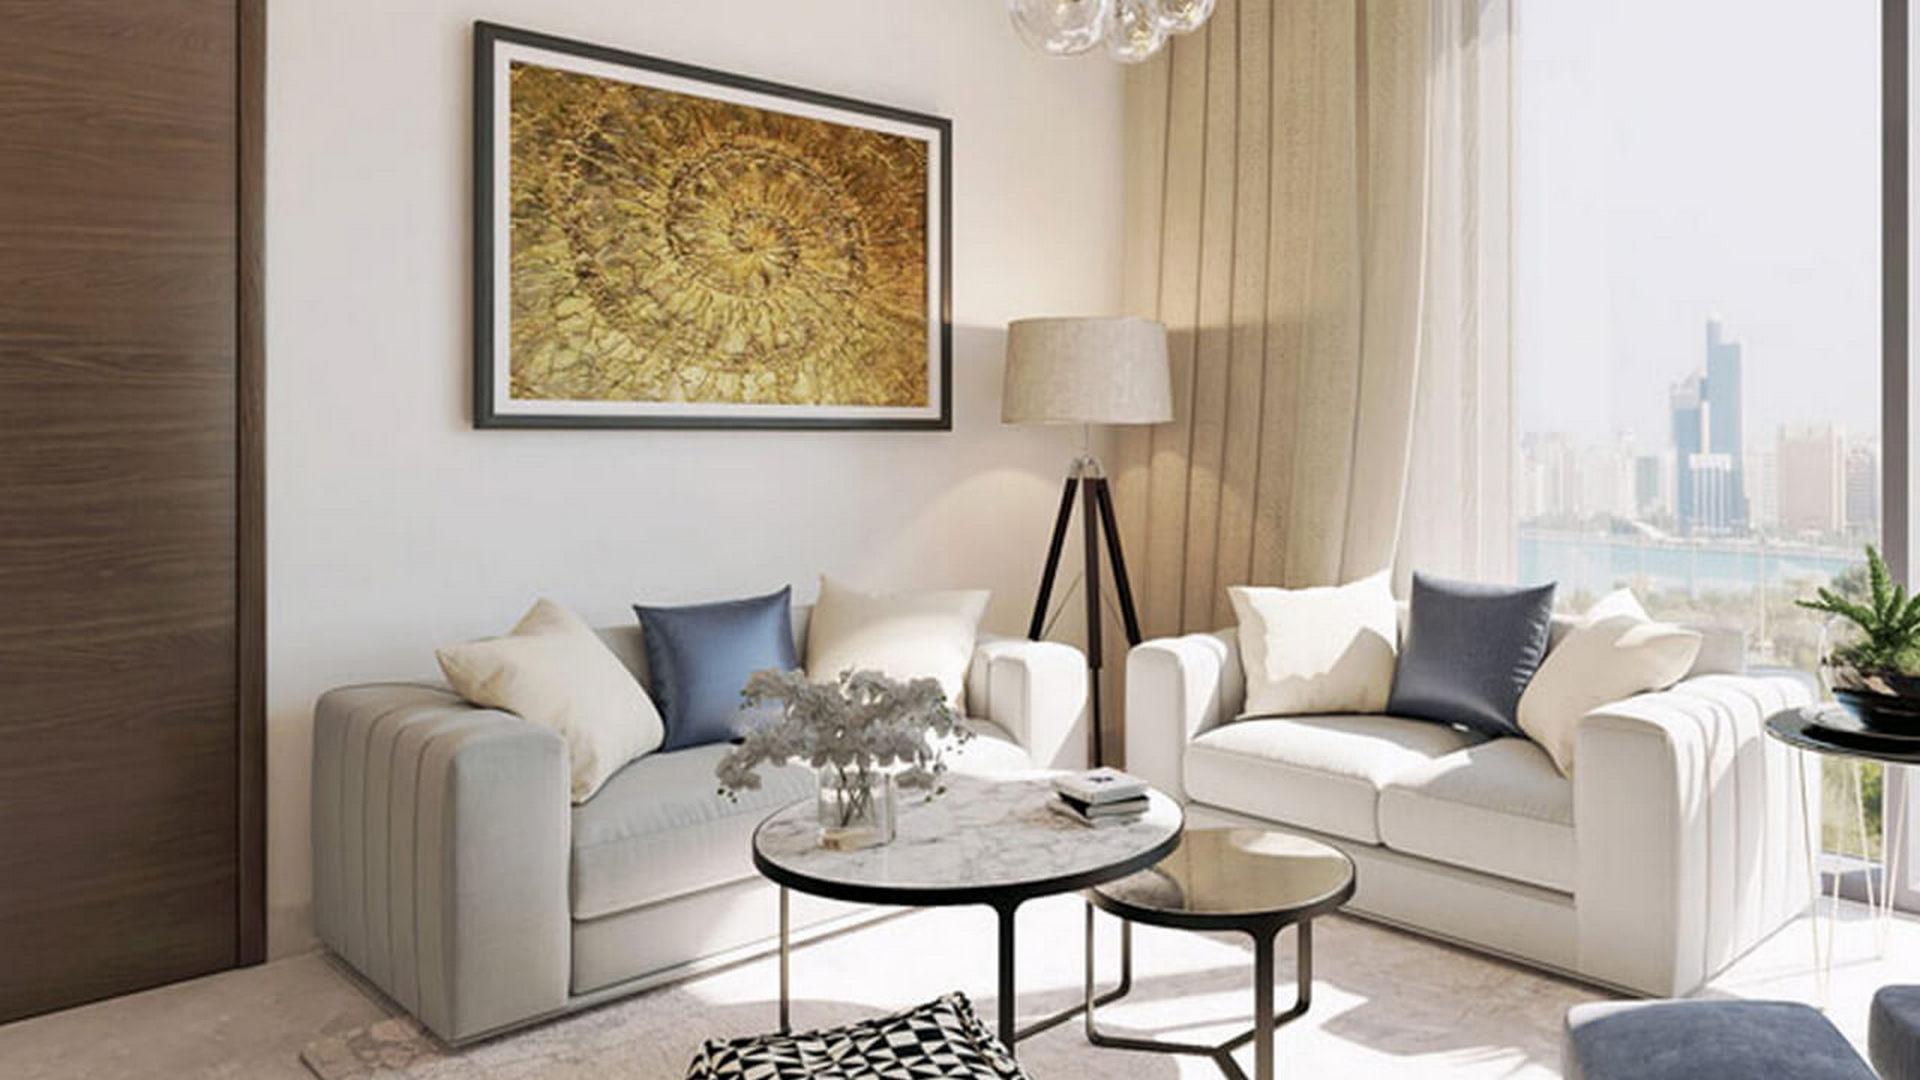 Apartamento en venta en Dubai, EAU, 1 dormitorio, 57 m2, № 24537 – foto 1